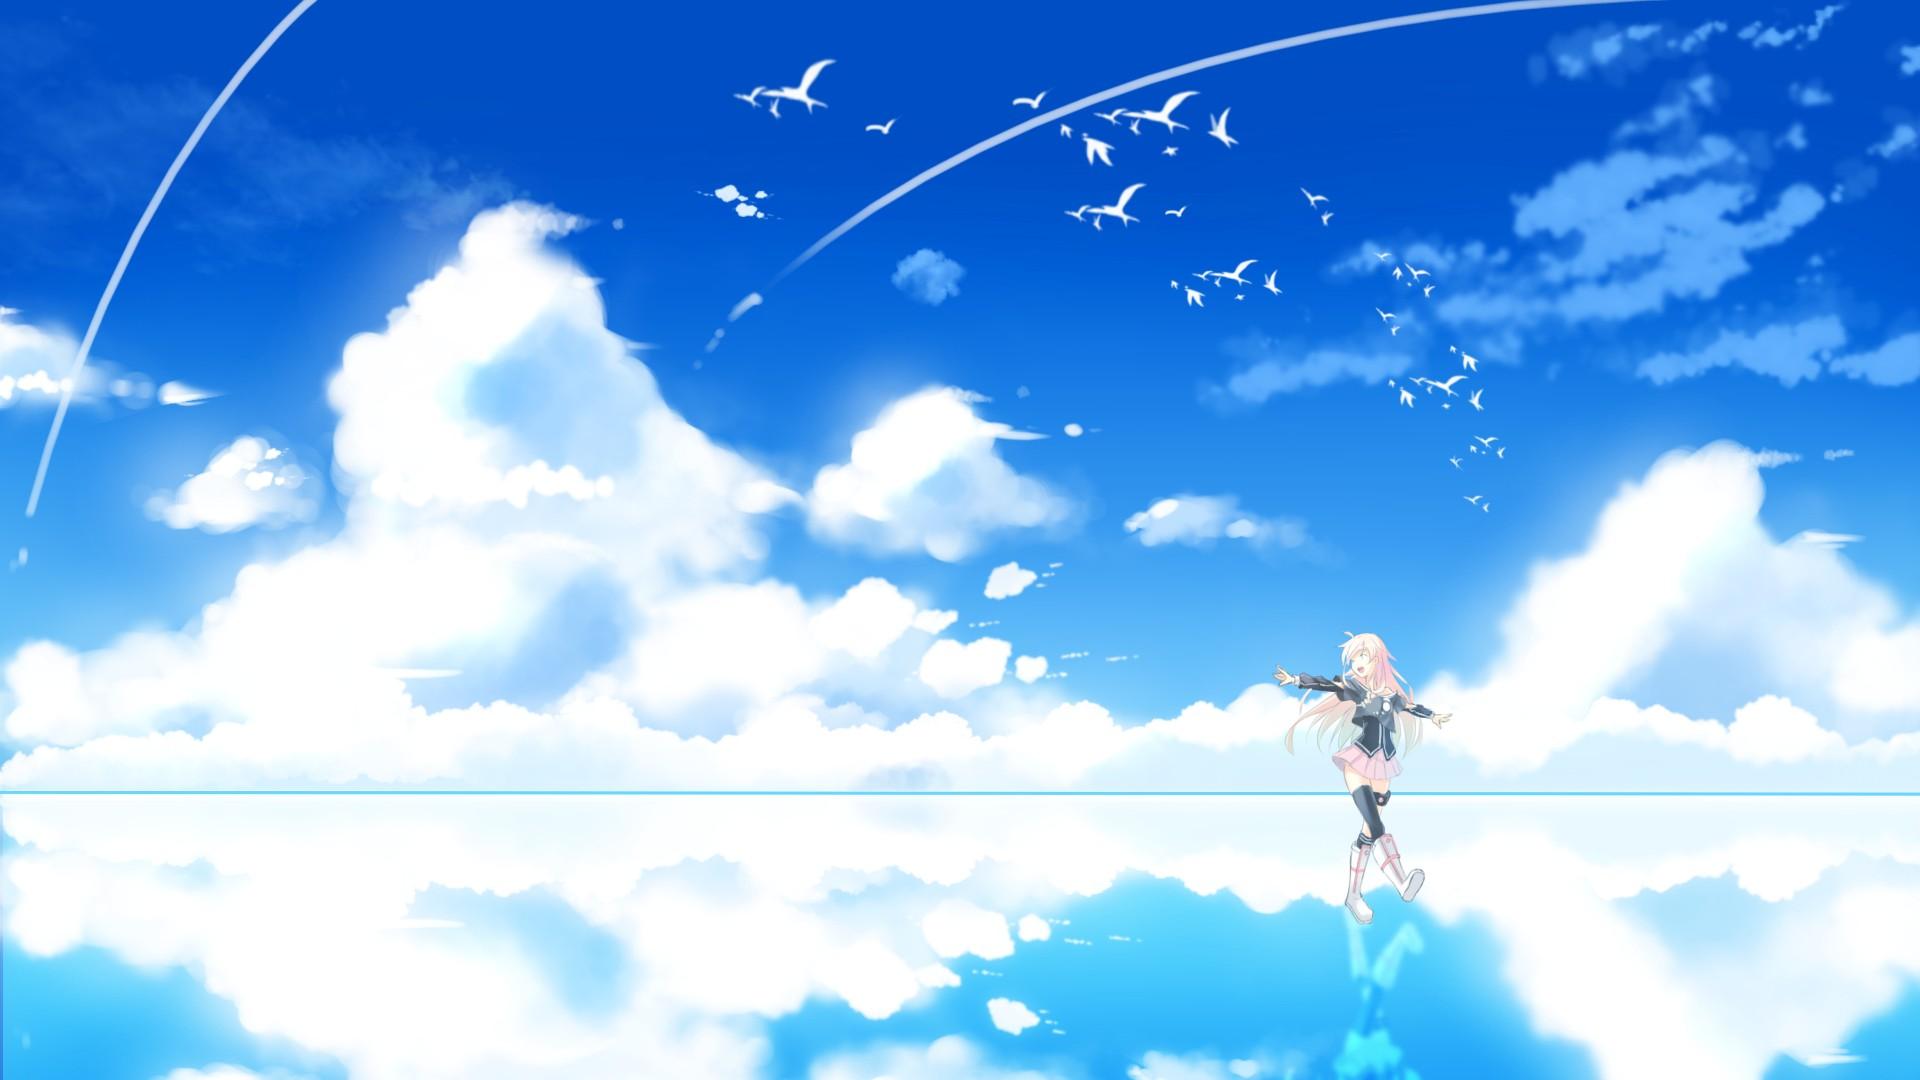 Аниме картинки на фоне неба